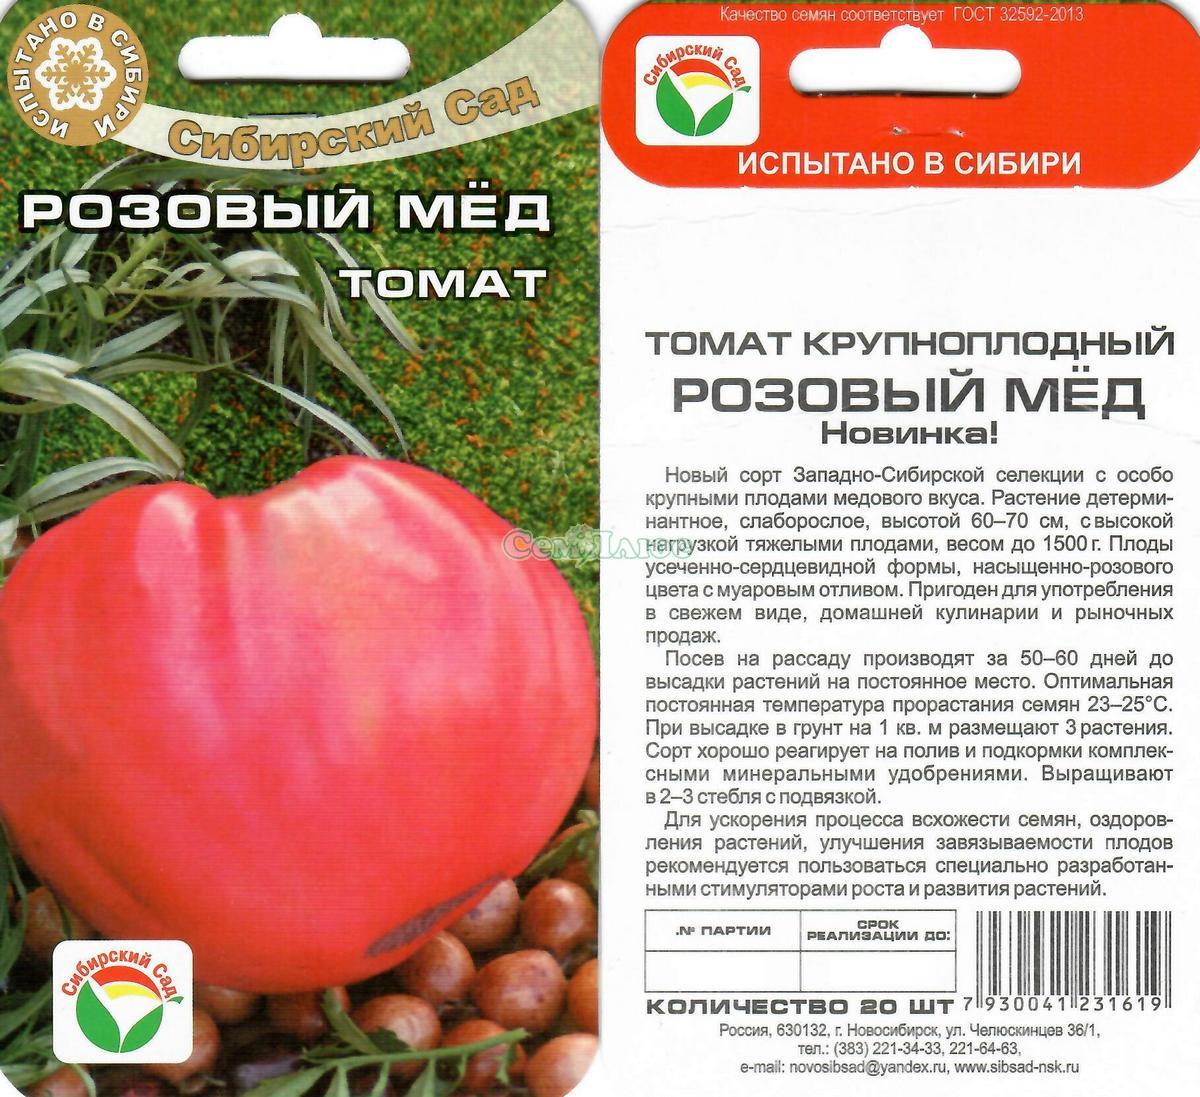 Томат малиновый гигант: описание сорта, фото, отзывы характеристика плодов, урожайность